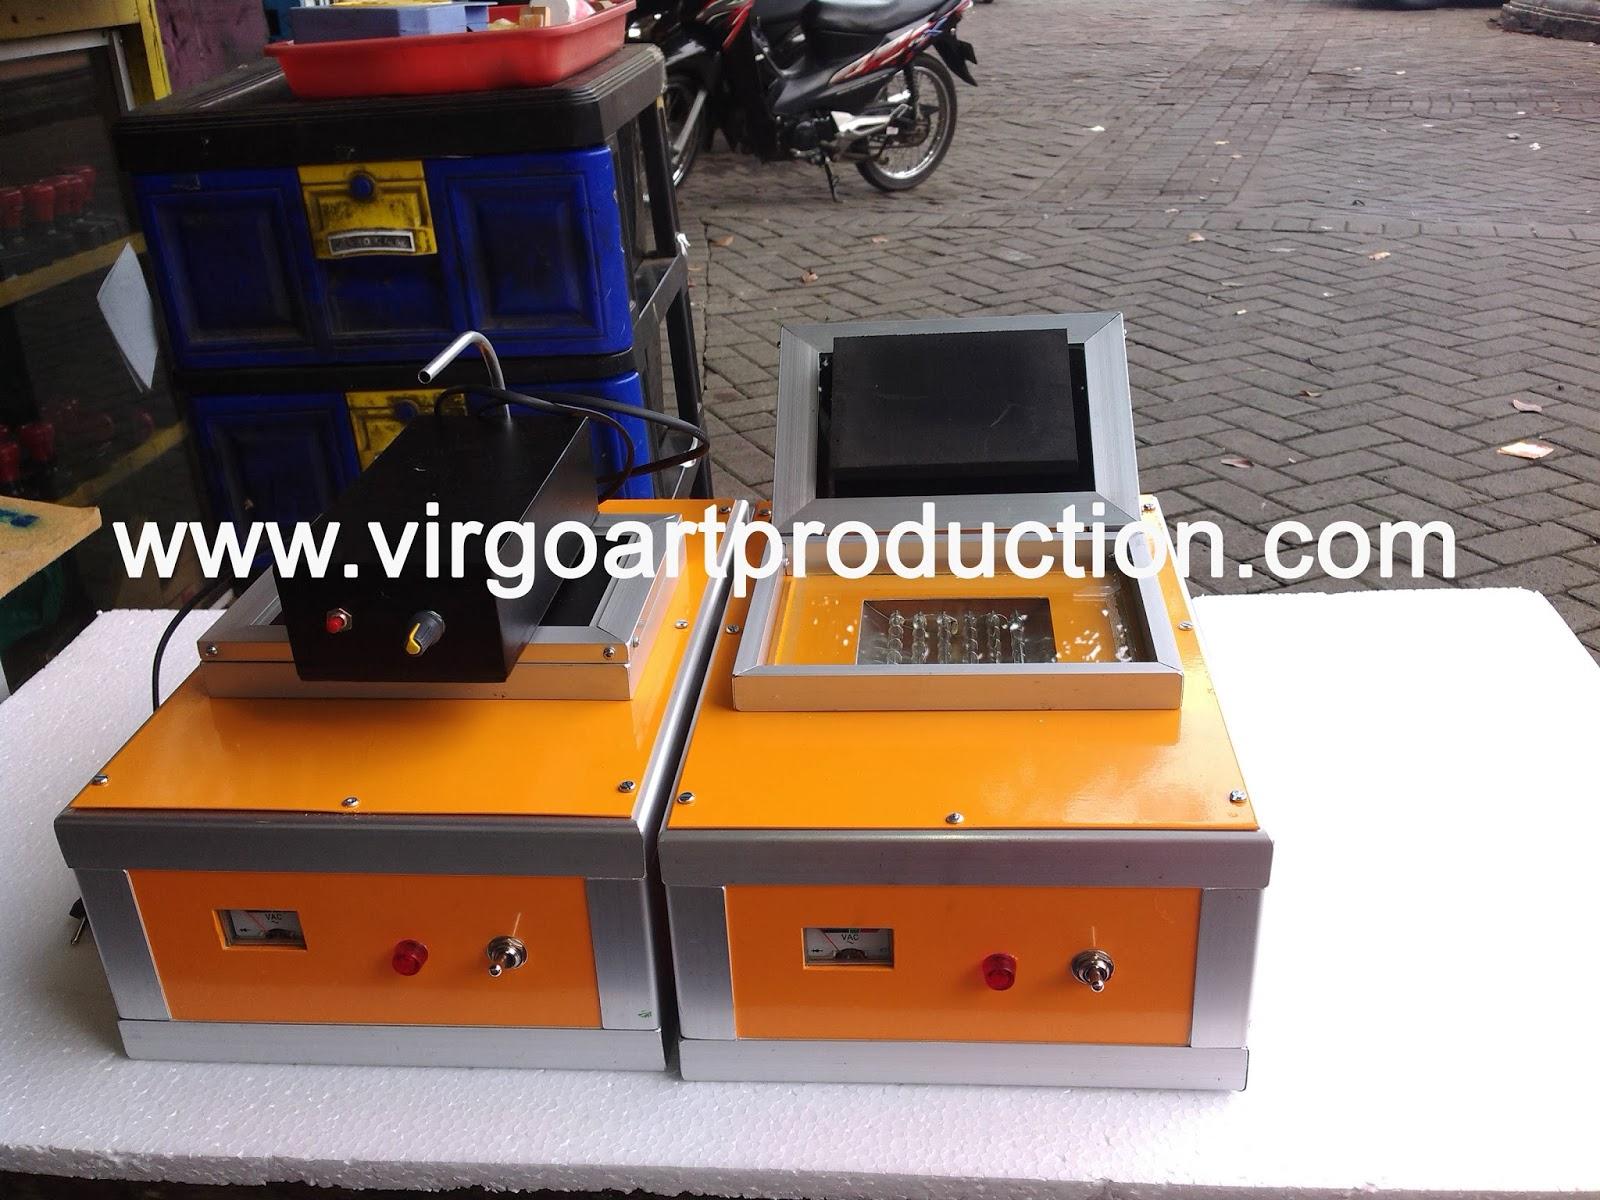 mesin stempel flash virgo stempel murah berkualitas